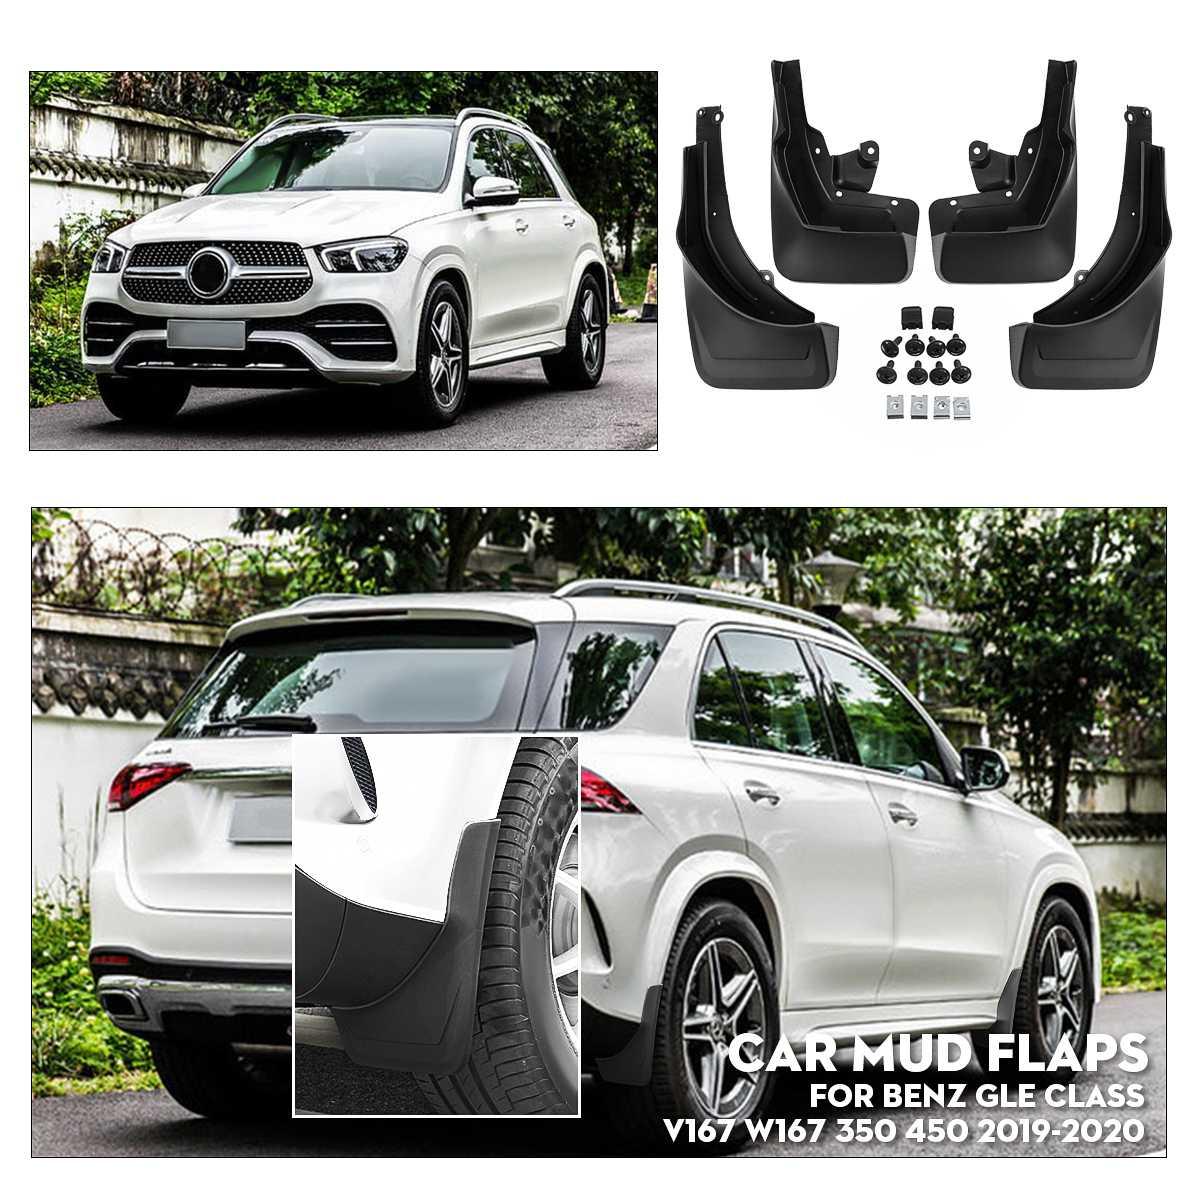 Auto Spatlappen voor Fender Mud Guard Splash Flap Spatborden Voor Mercedes/Benz GLE Klasse V167 W167 350 450 2019 -2020